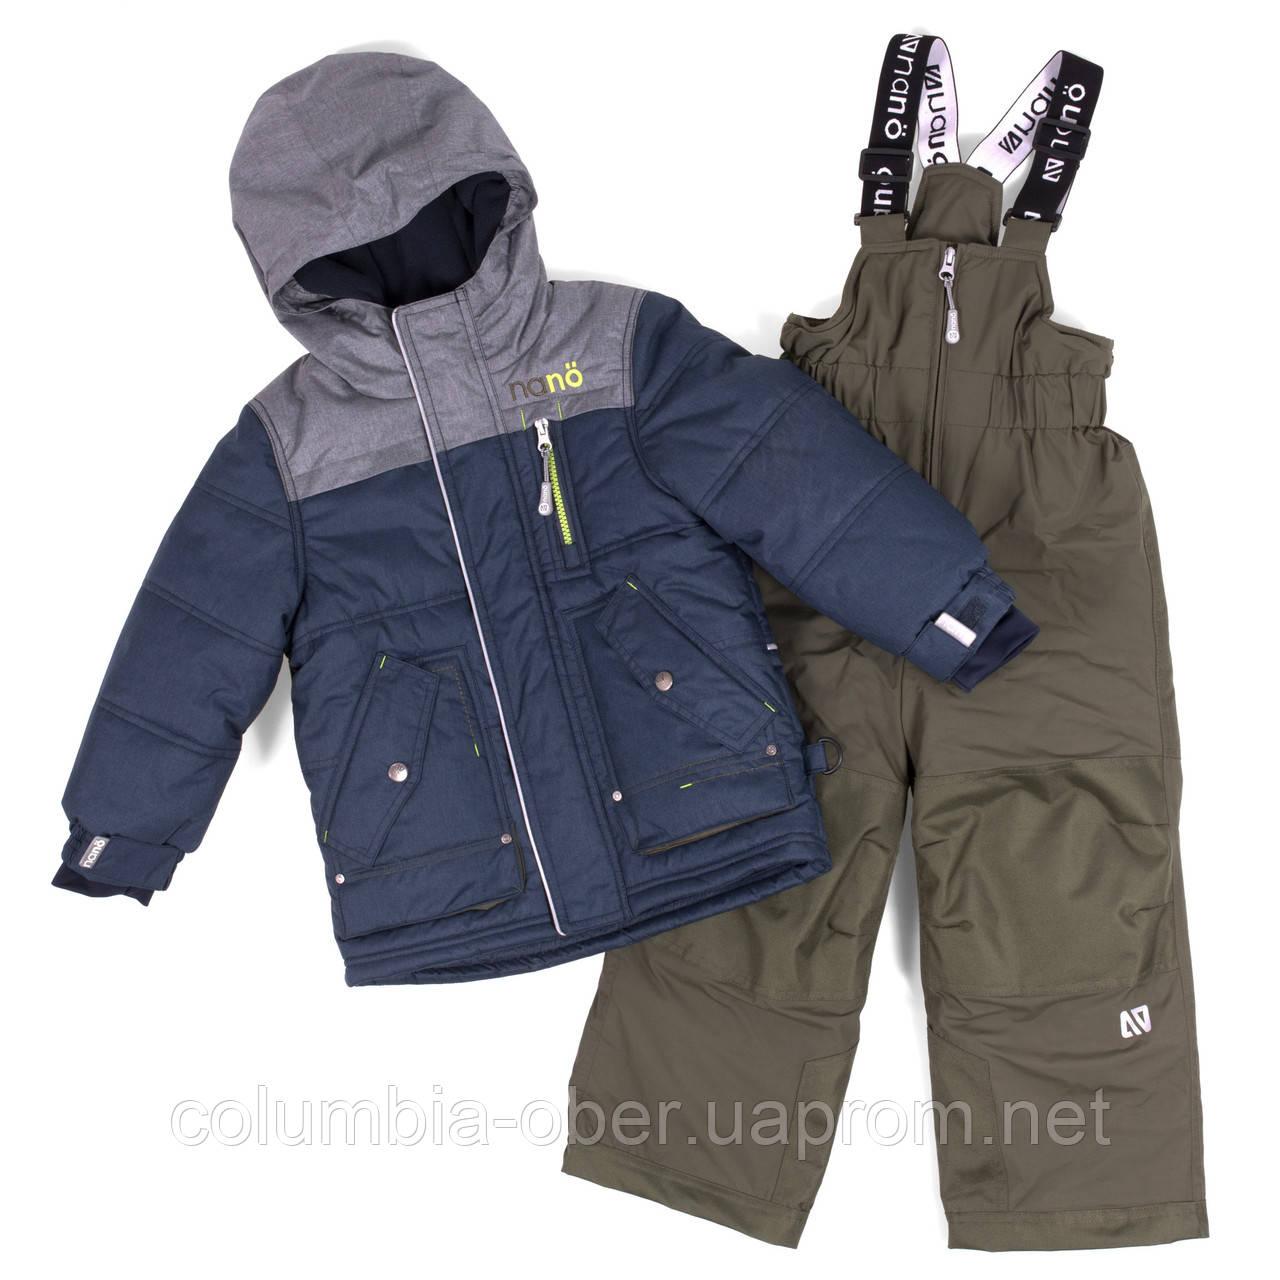 Зимний комплект для мальчика NANO F18 M 277 Blue Mix / Green Tea. Размеры 2-12.